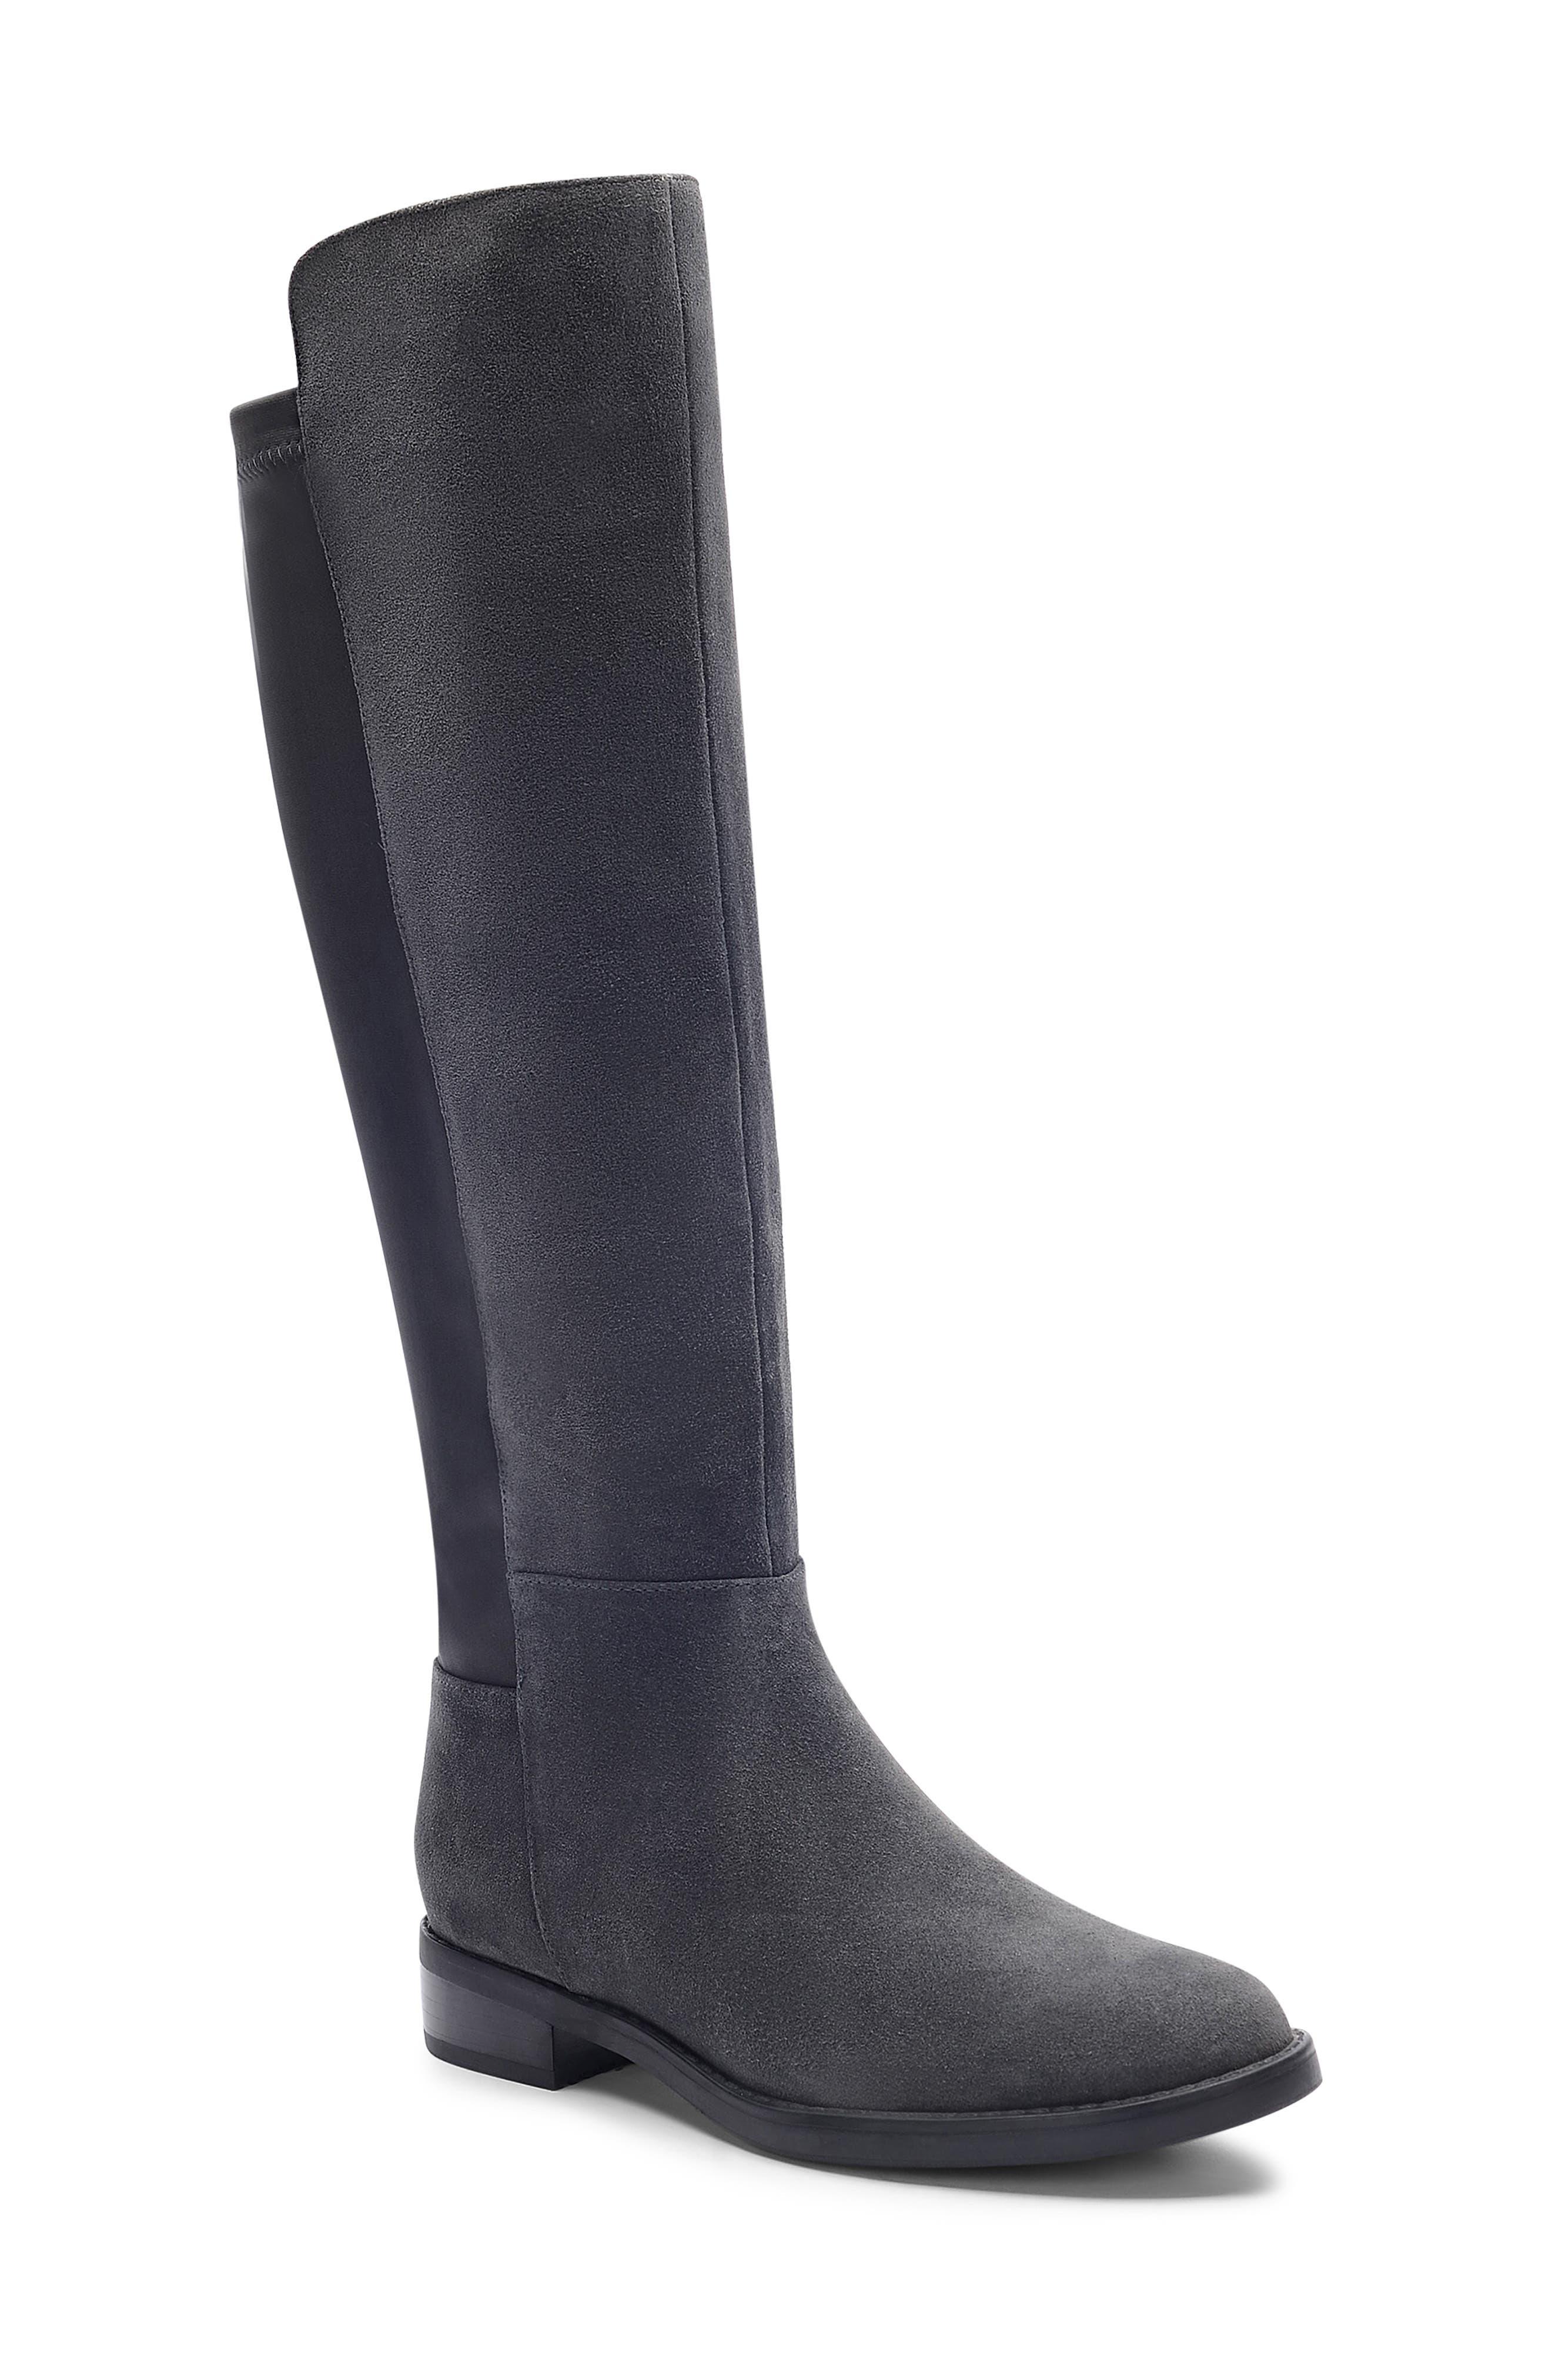 Ellie Waterproof Knee High Riding Boot, Main, color, DARK GREY SUEDE